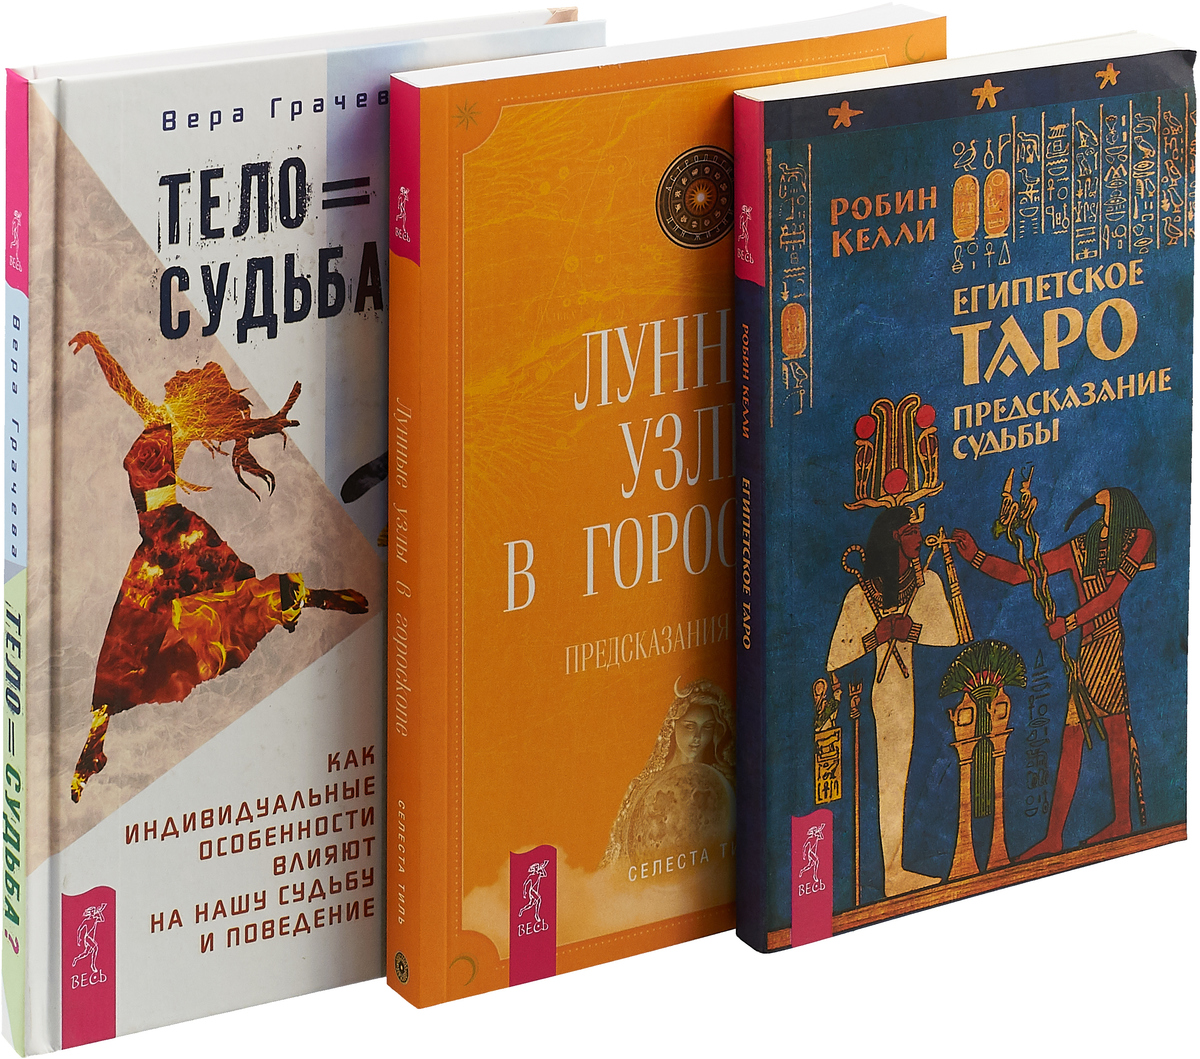 Тело равно судьба. Египетское Таро. Лунные узлы в гороскопе (комплект из 3-х книг).